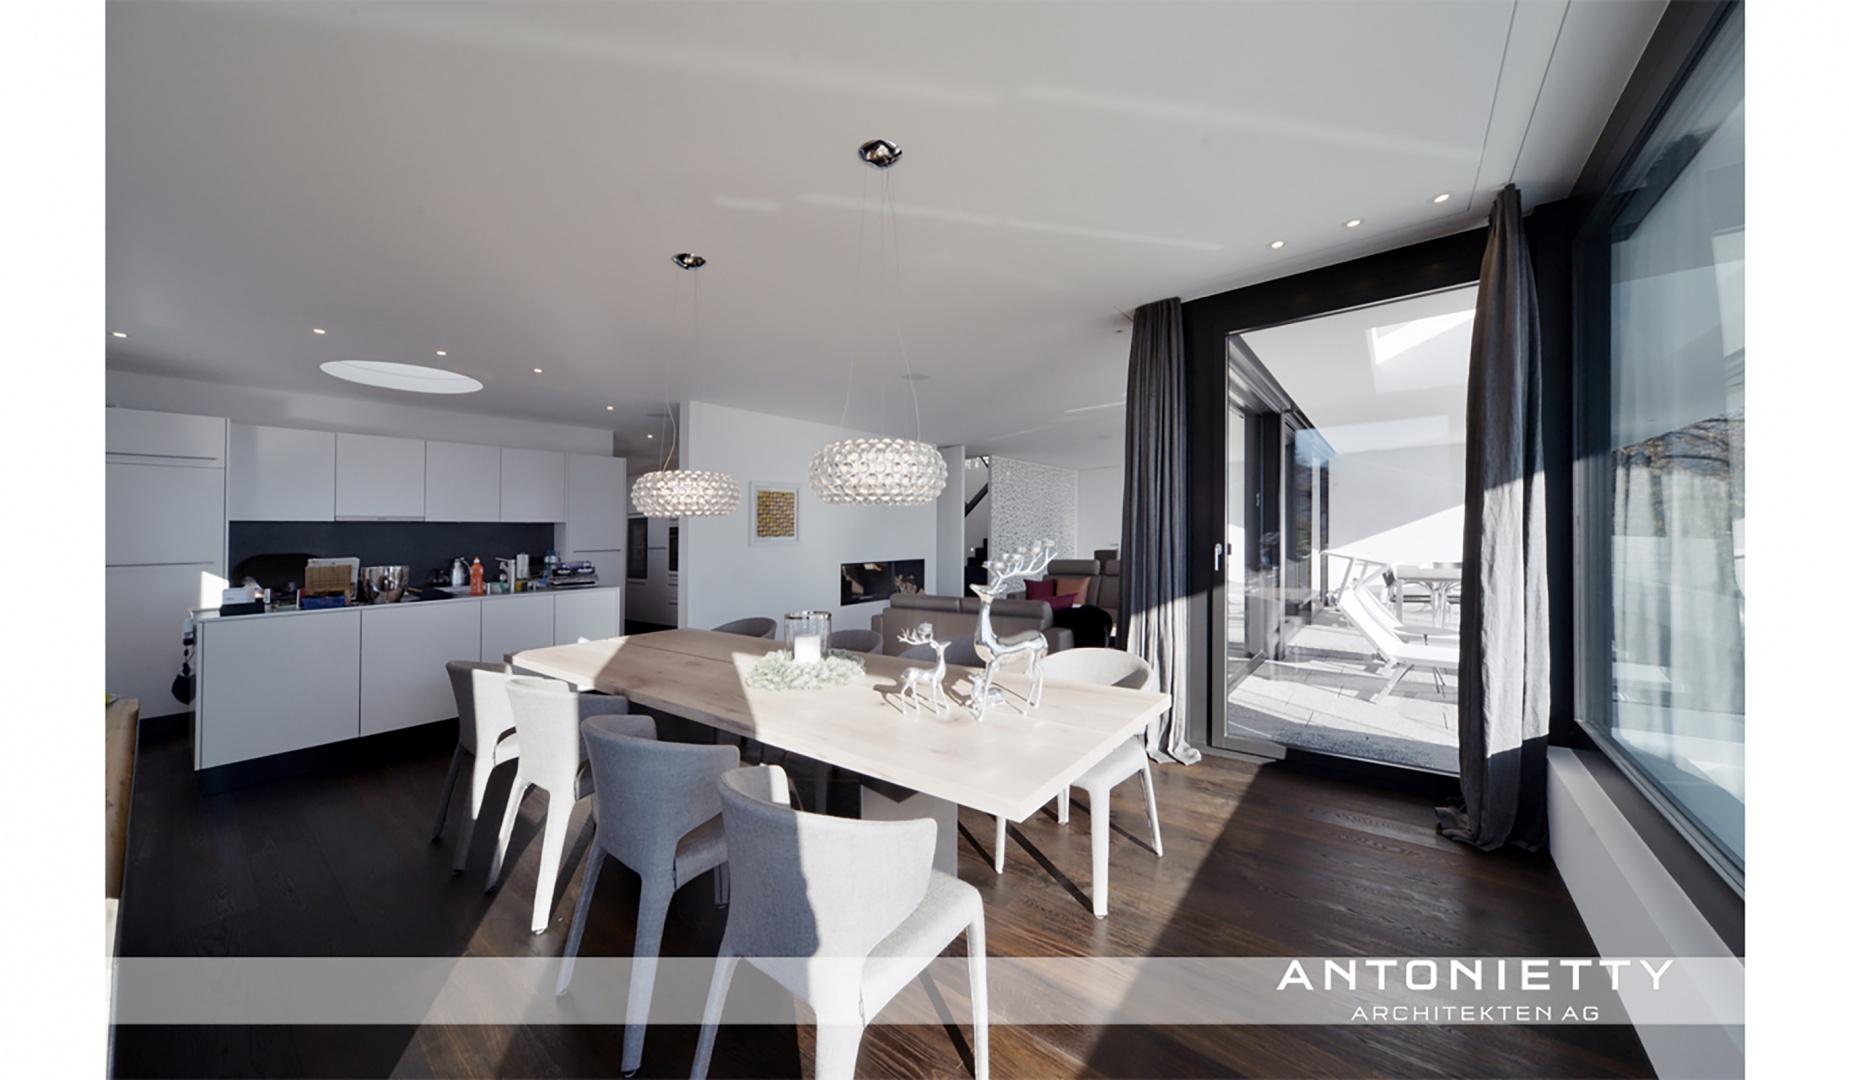 Küche, Wohn- und Essbereich © Carlos Antonietty, Antonietty Architekten AG, Bürgenstrasse 23, 6005 Luzern